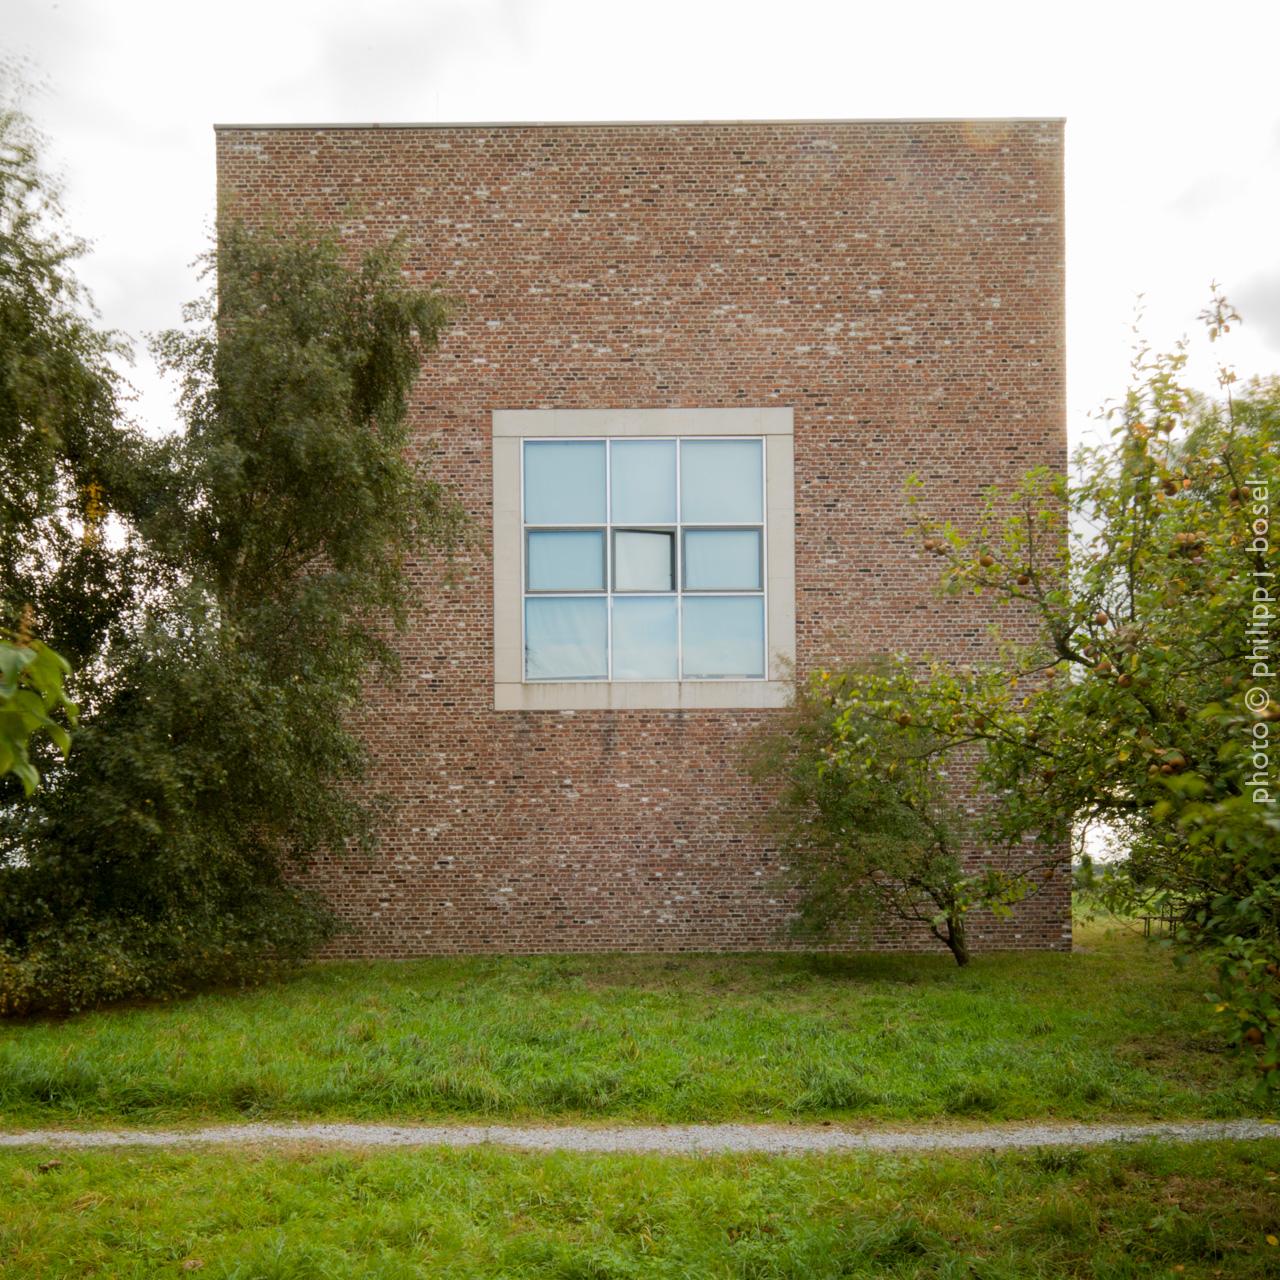 Das Haus für Archiv, Bibliothek und Wohnen von Erwin Heerich